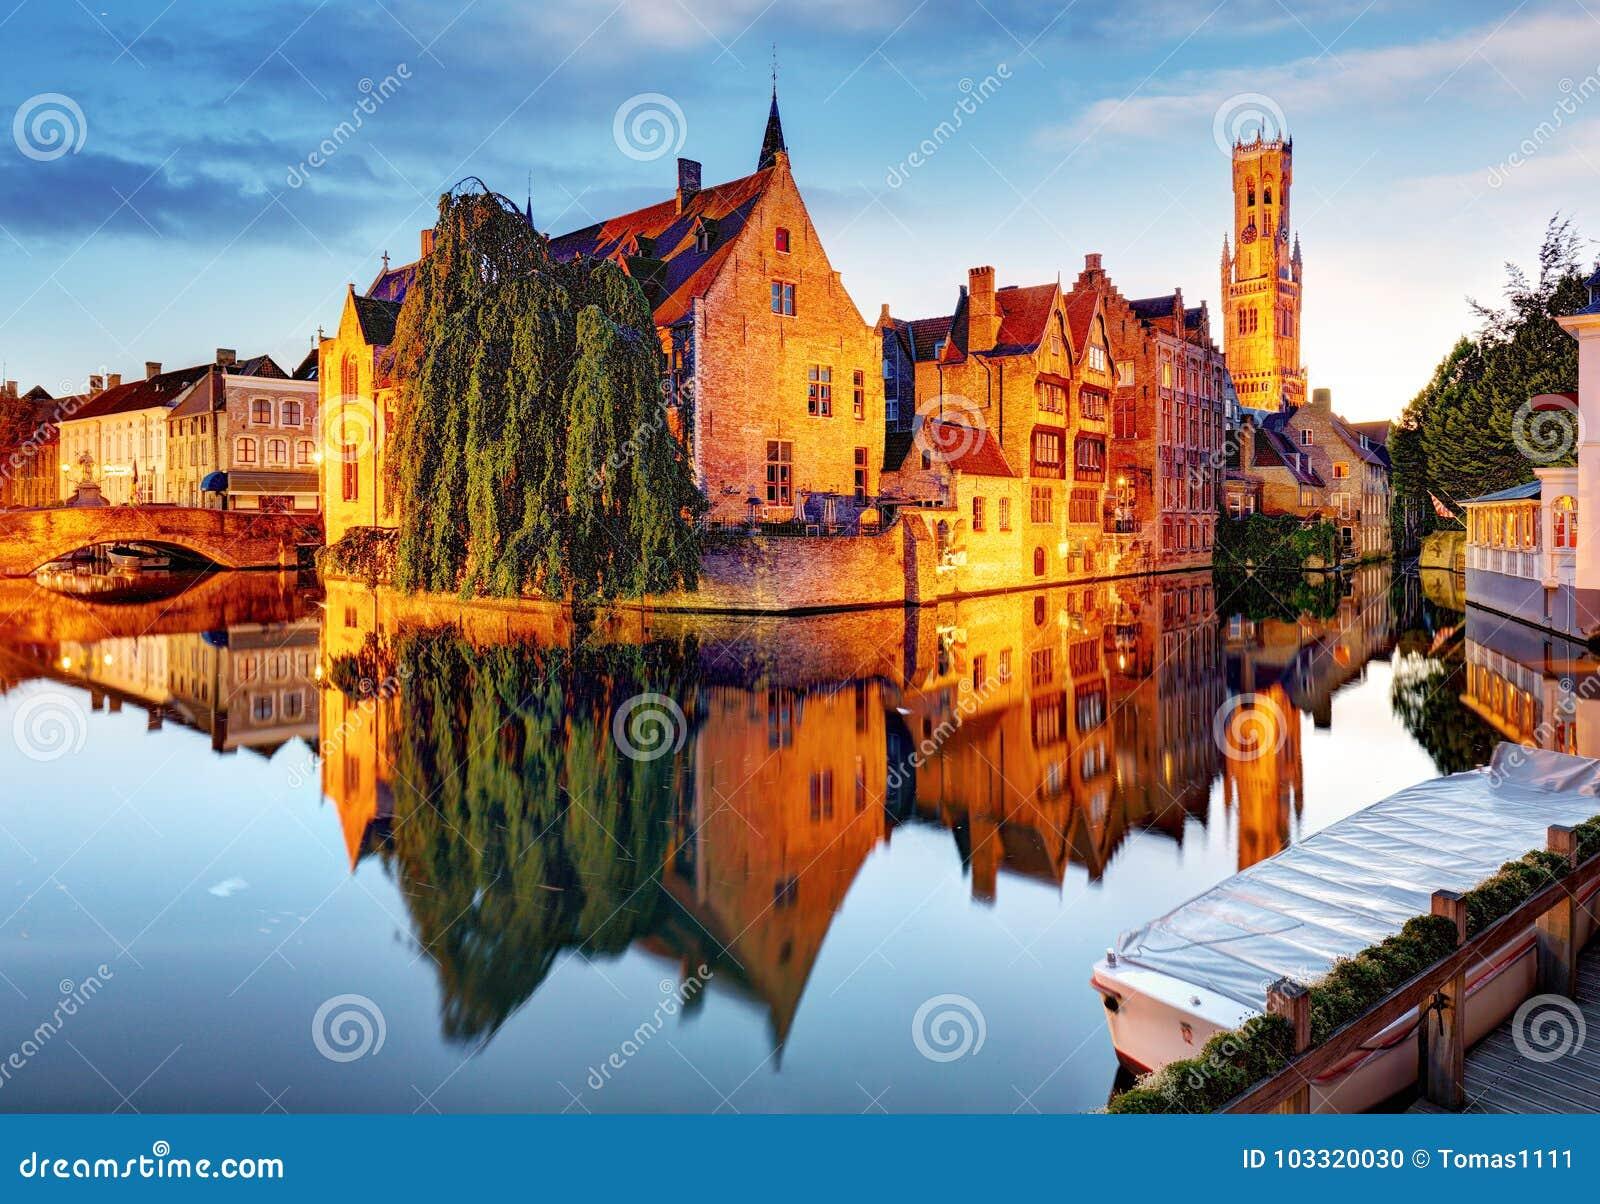 Brugge - Kanalen van Brugge, België, die mening gelijk maken